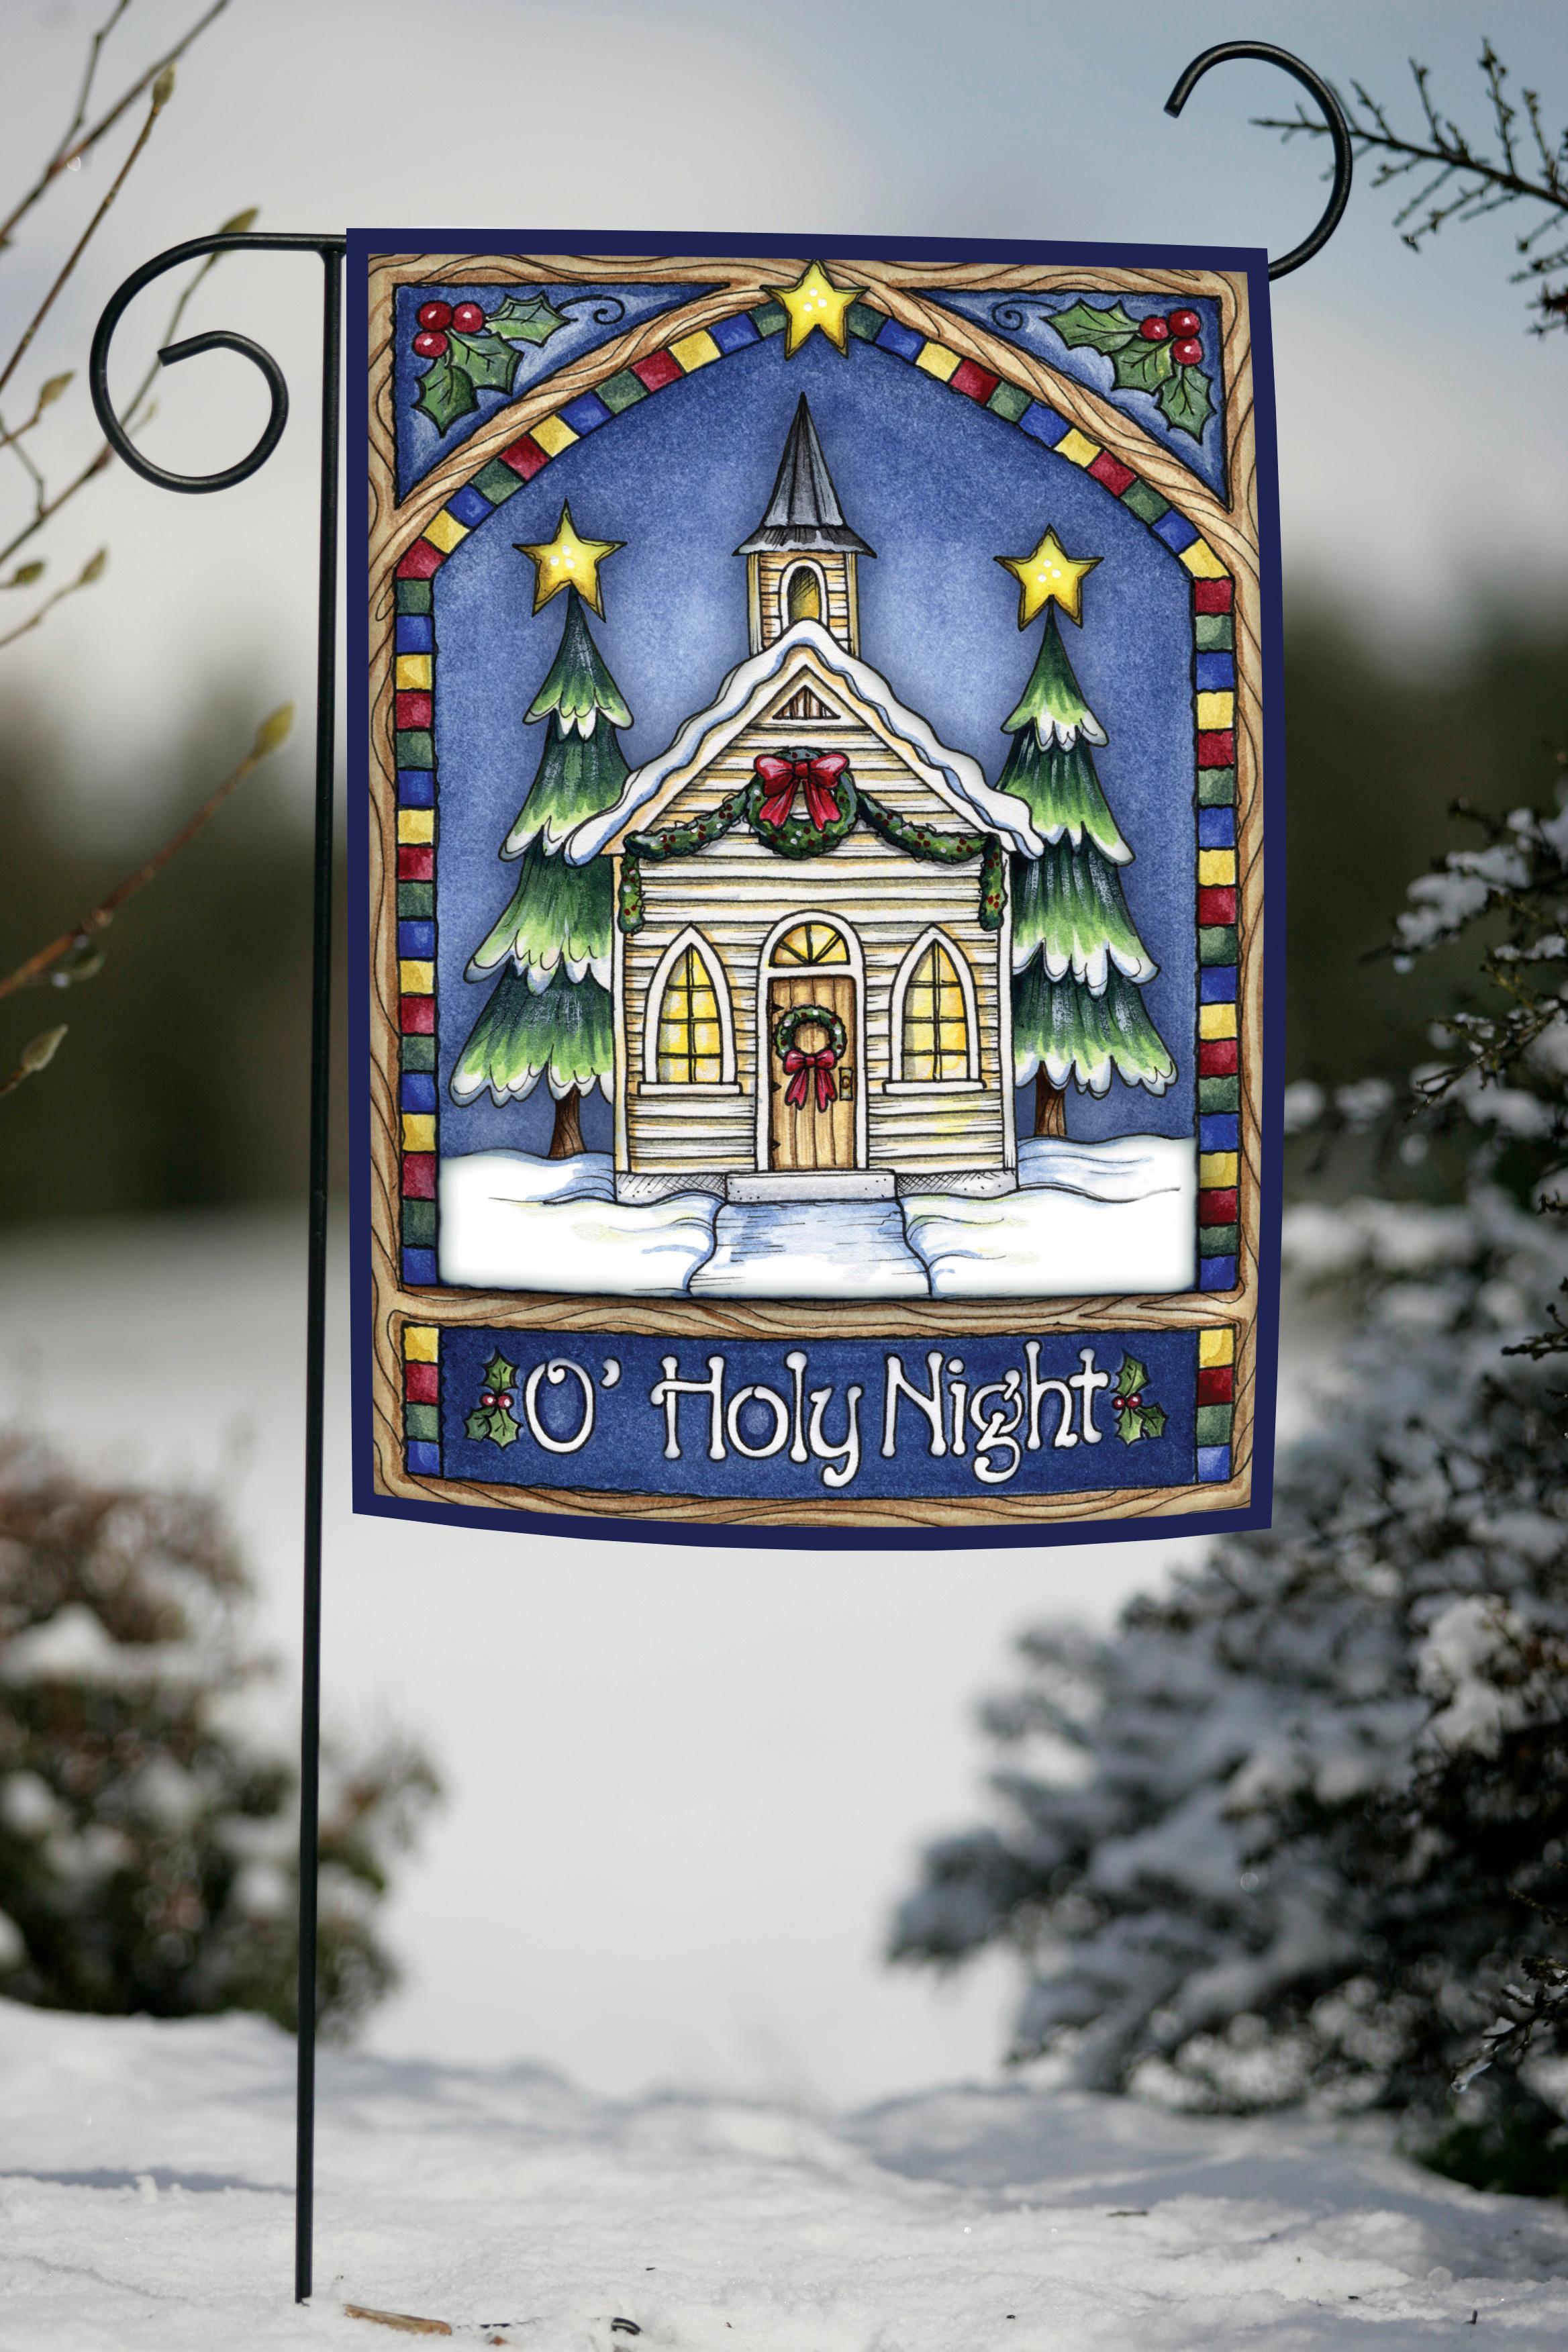 Amazon Toland Home Garden Christmas Church 12 5 x 18 Inch